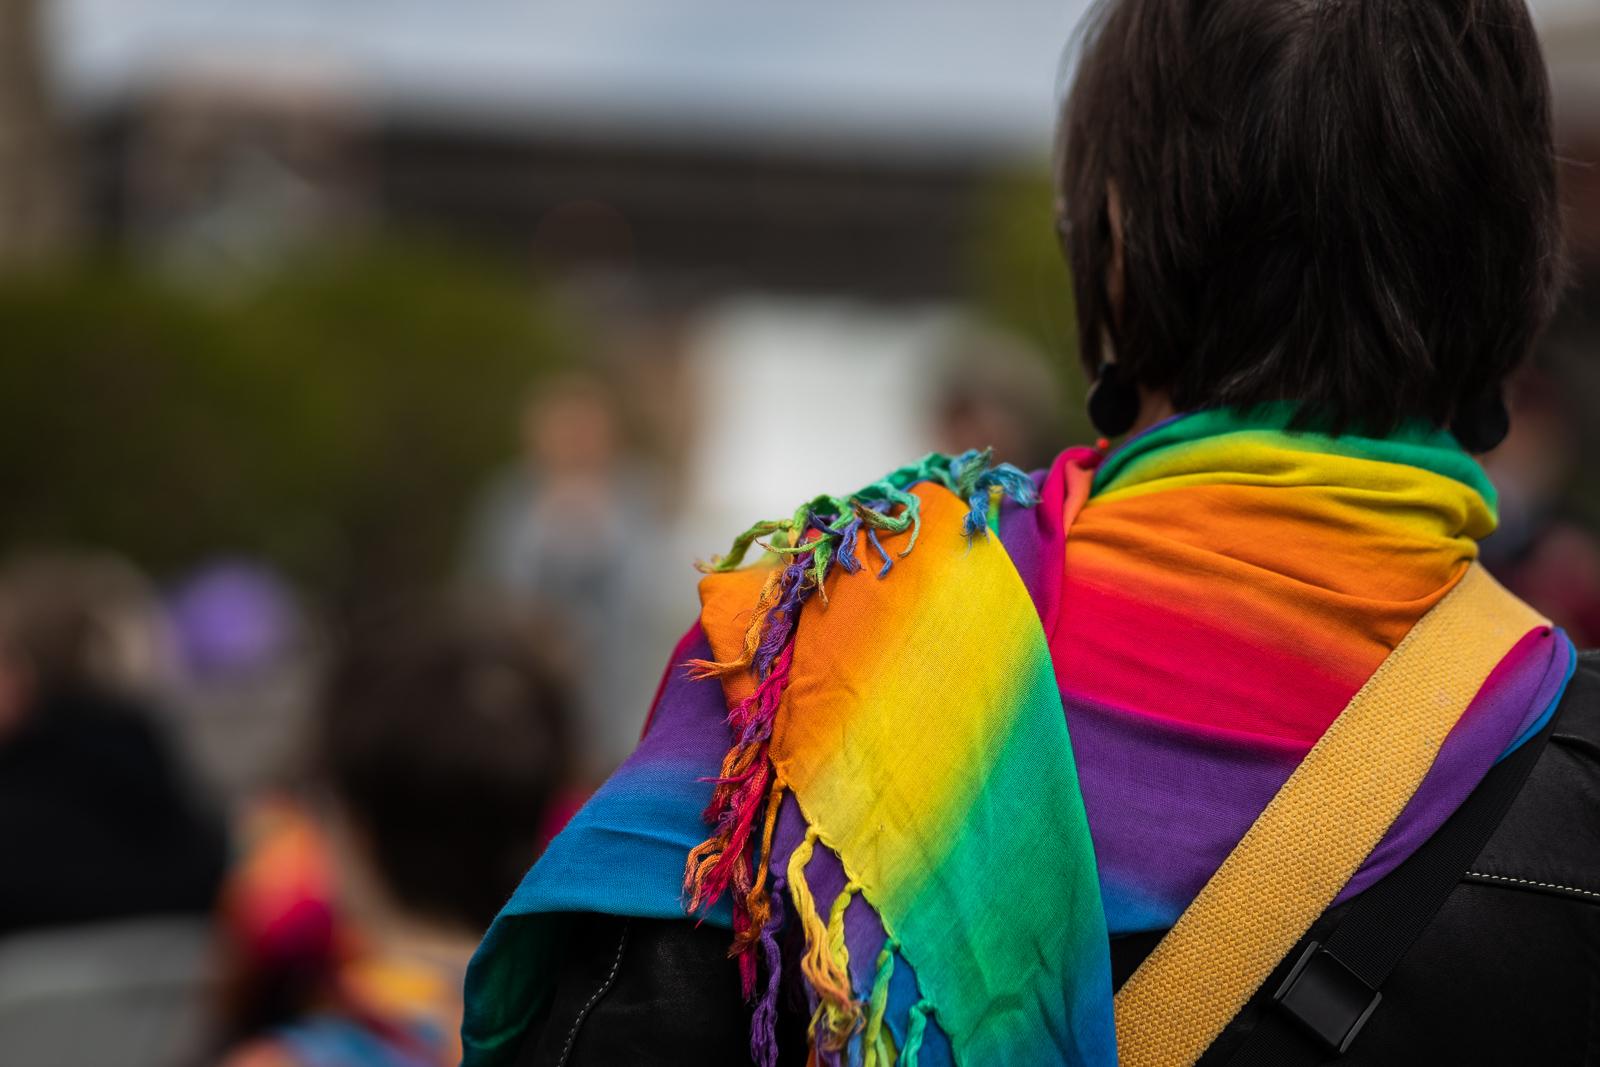 pride-2019-opening-ceremonies-blog-22.jpg